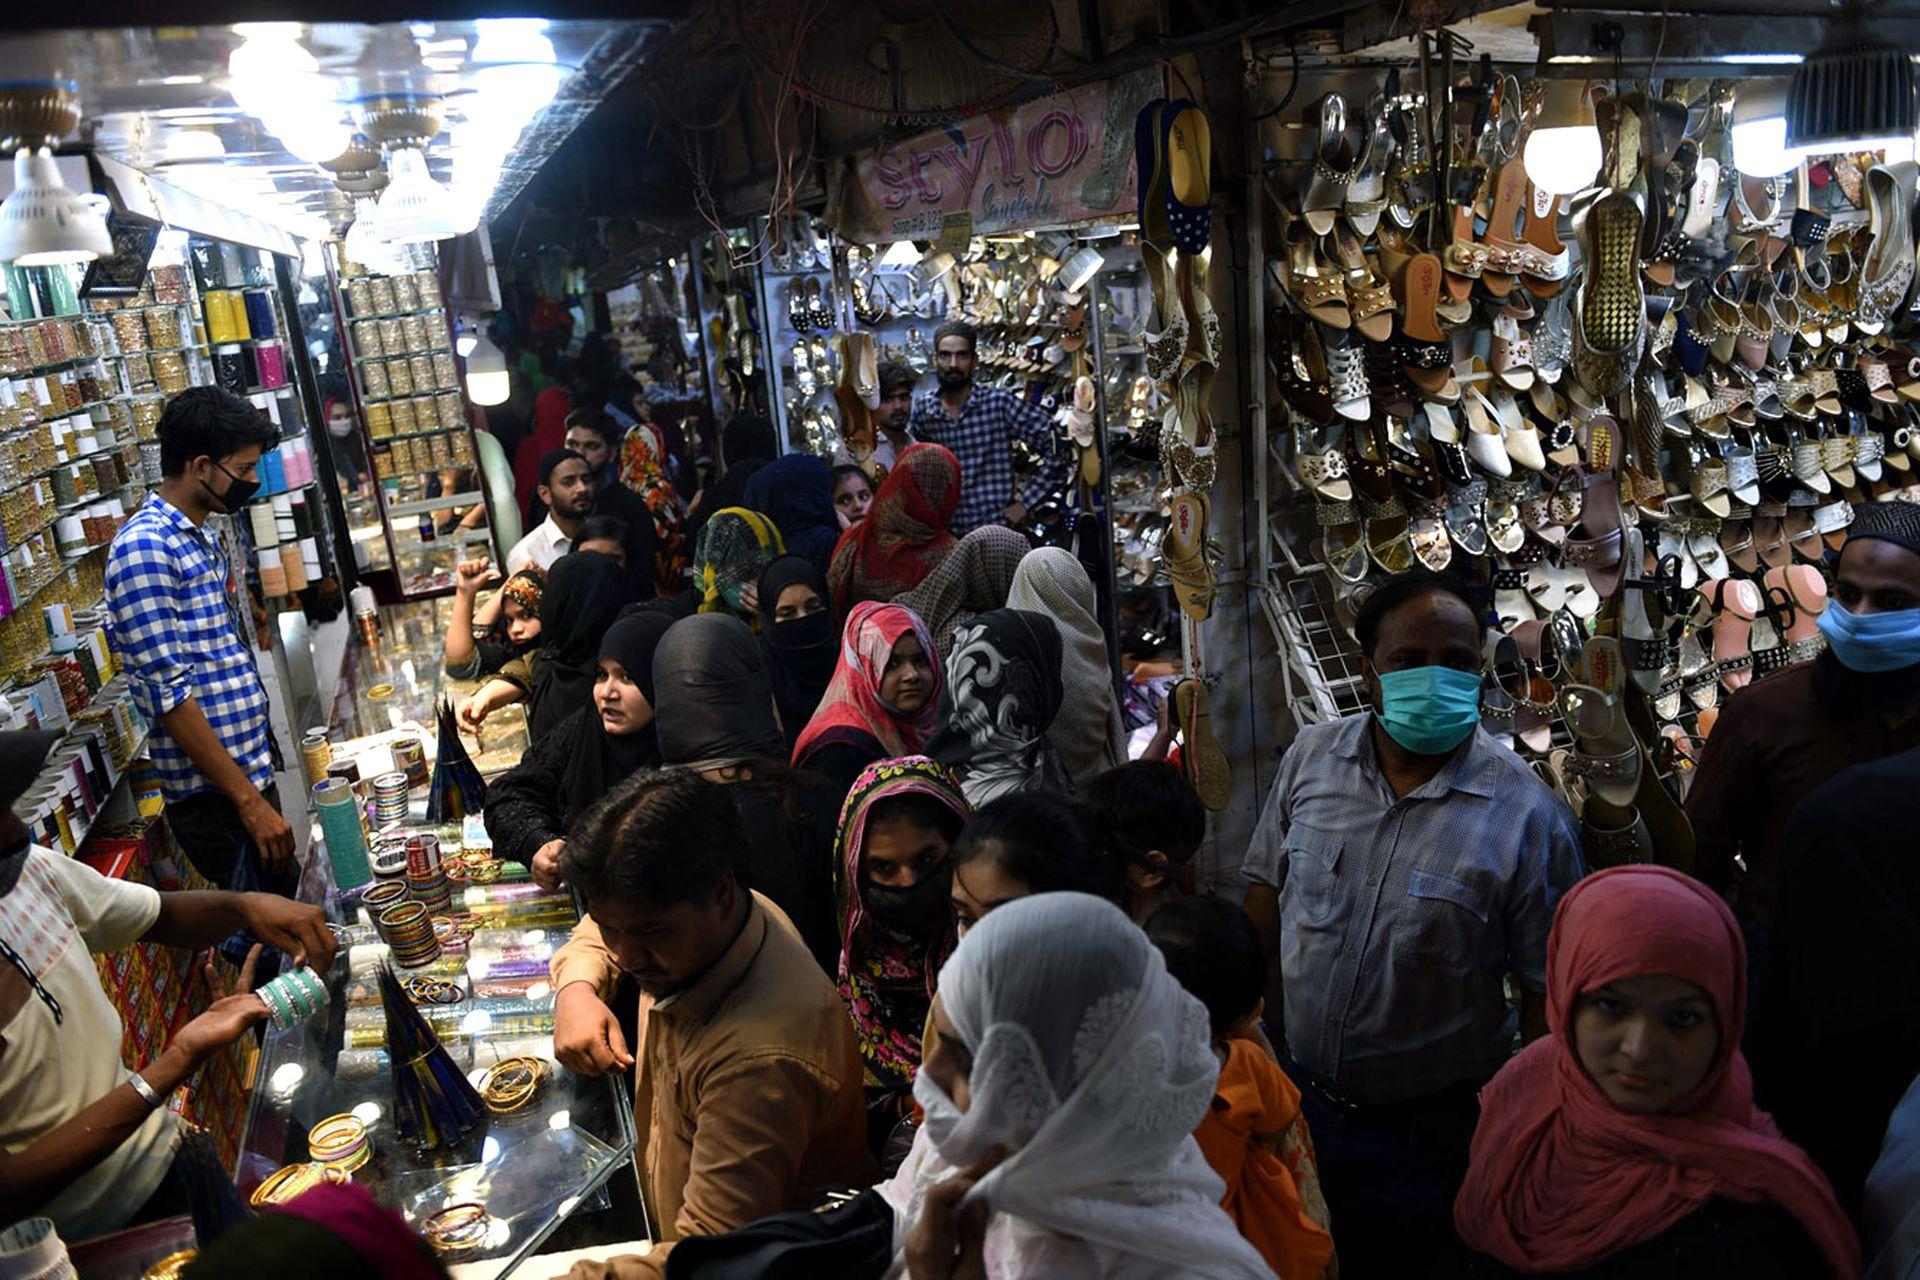 Los bazares repletos durante el Festival musulmán de Eid al-Fit en Karachi, Paquistán